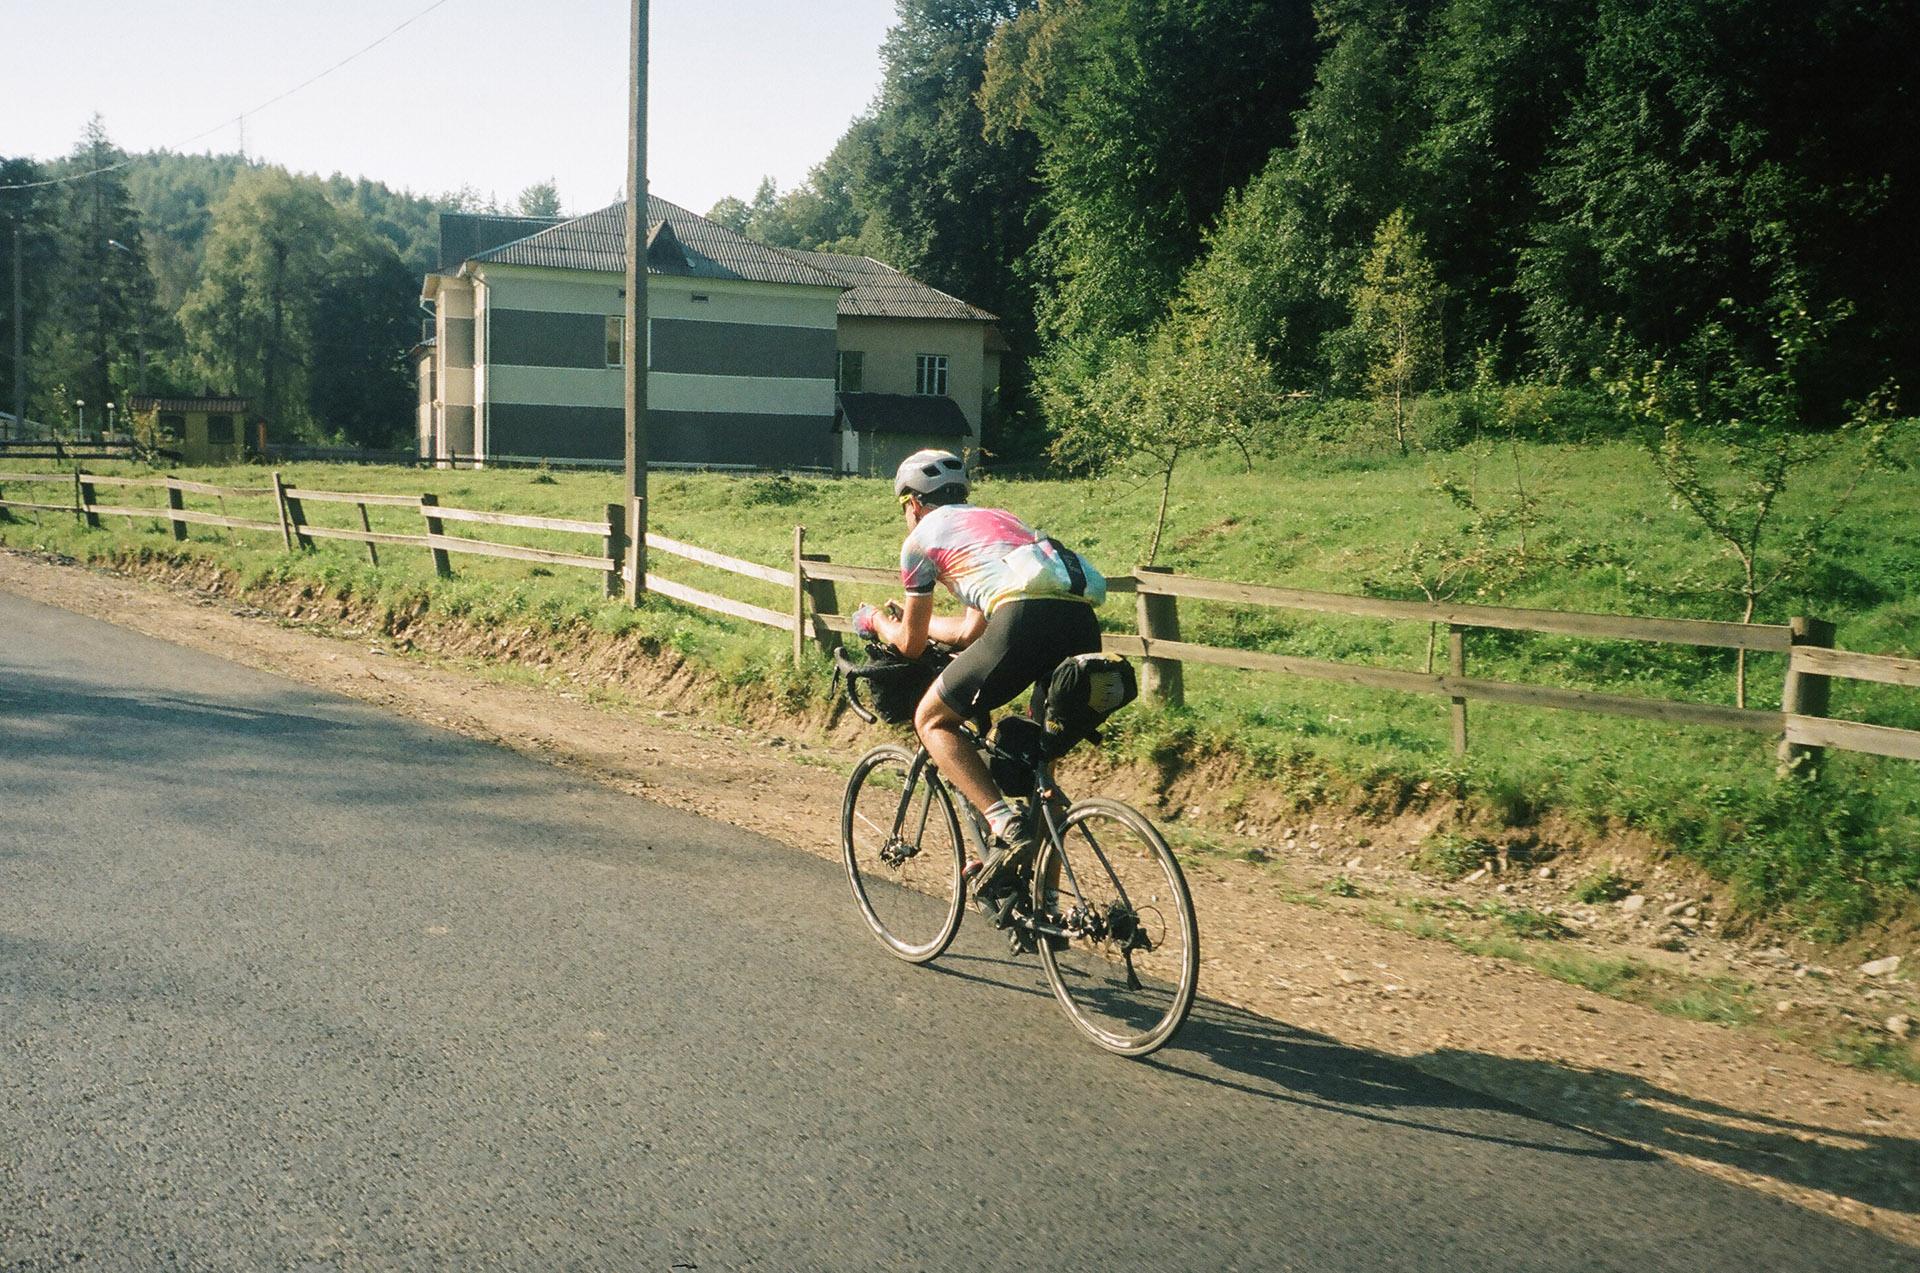 Людина, що їде на велосипеді вниз по грунтовій дорозі